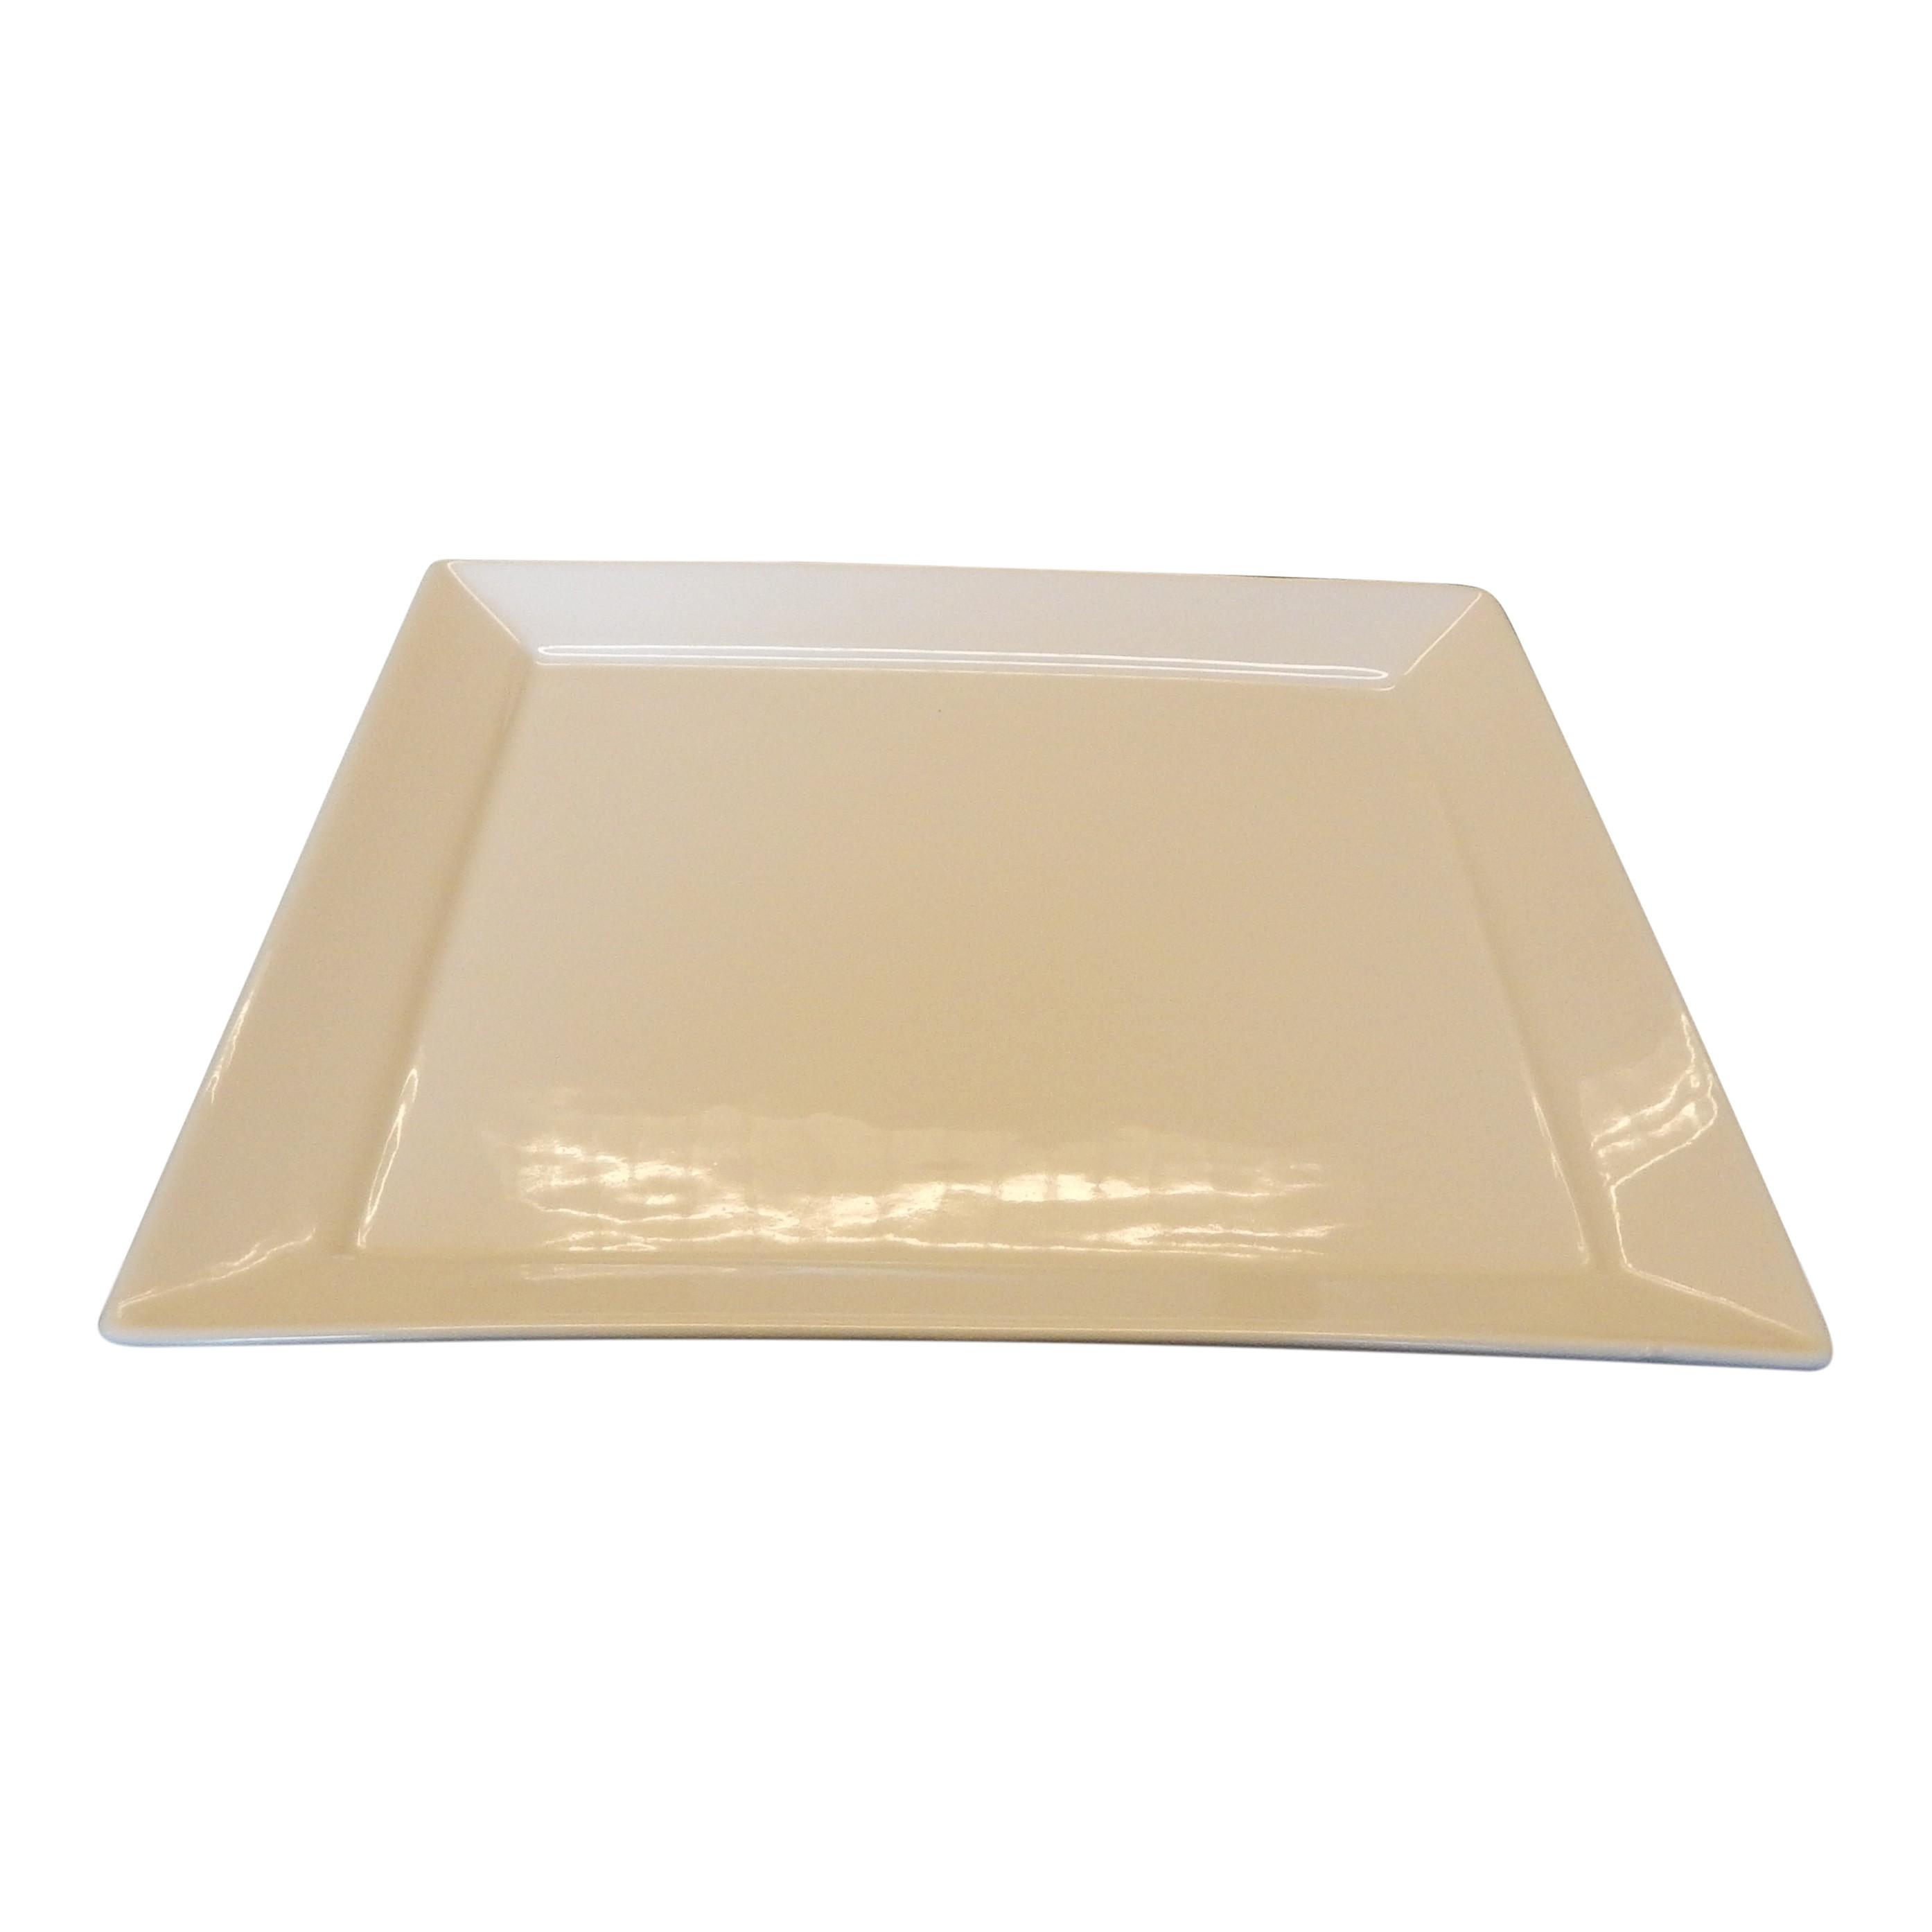 Bord 23cm vierkant ivoor